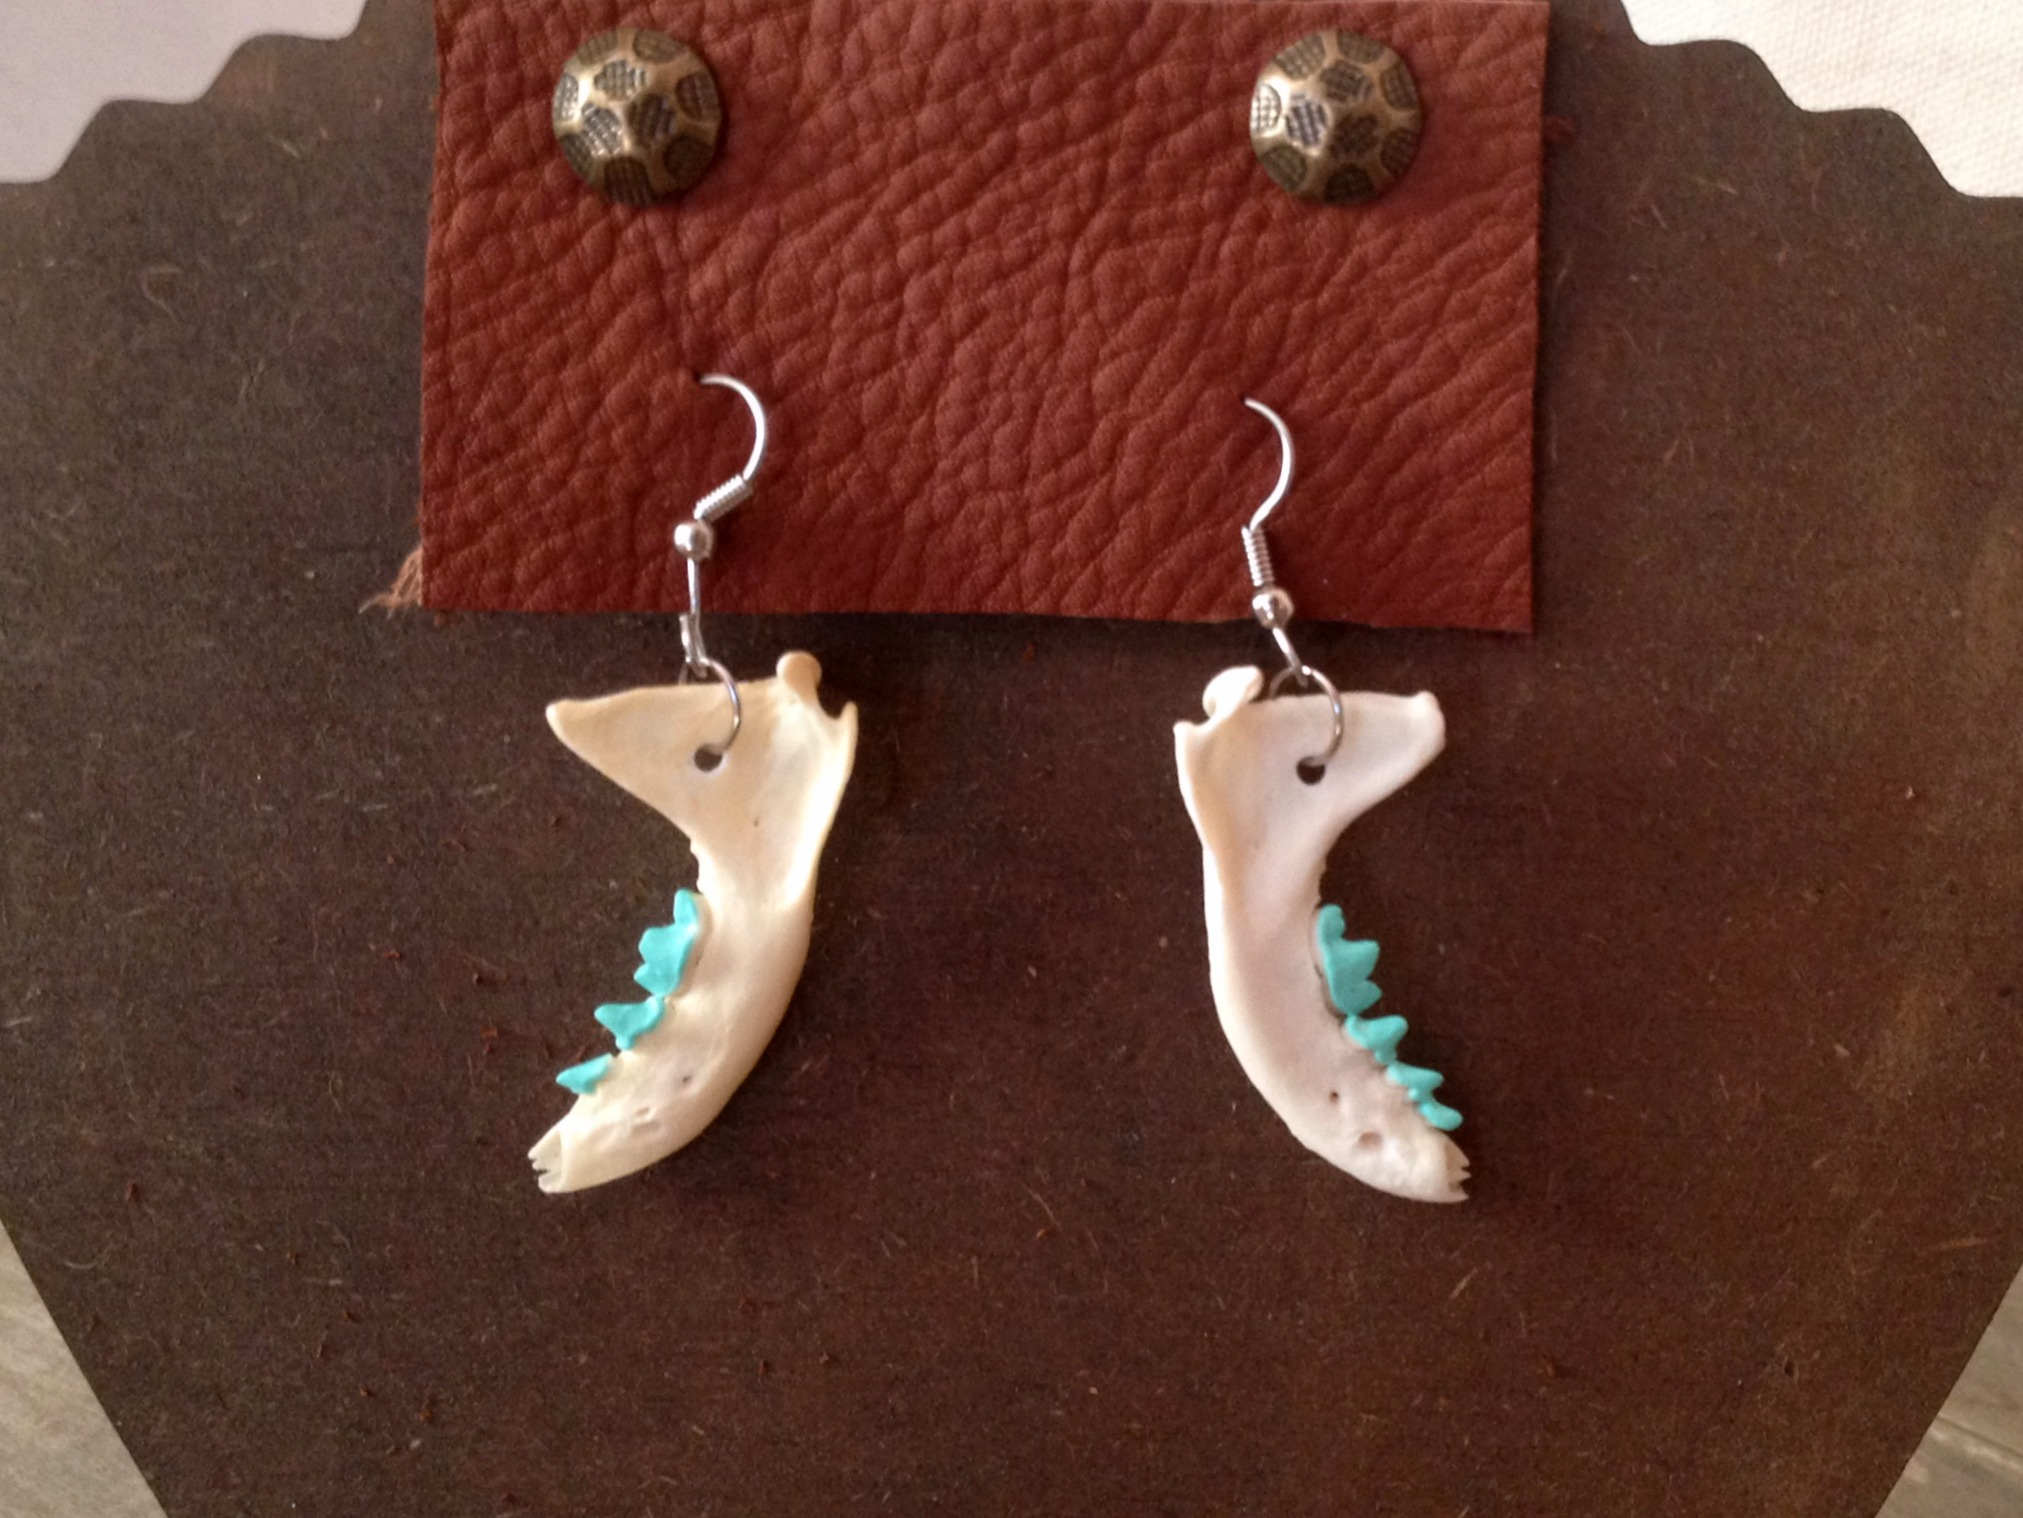 tiny_mint_jaw_bone_earrings_earrings_4.jpg